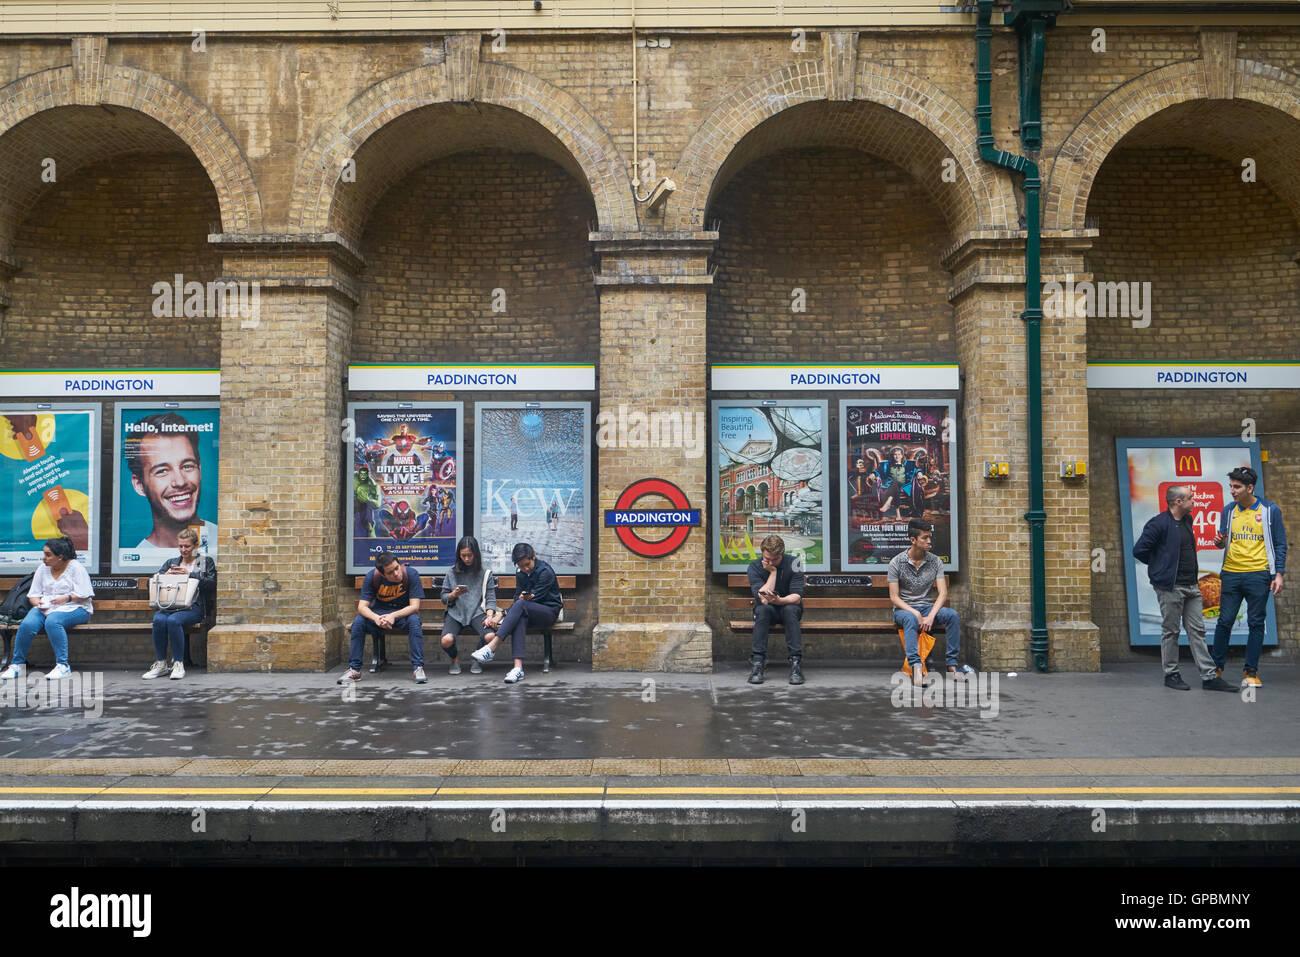 paddington underground station - Stock Image